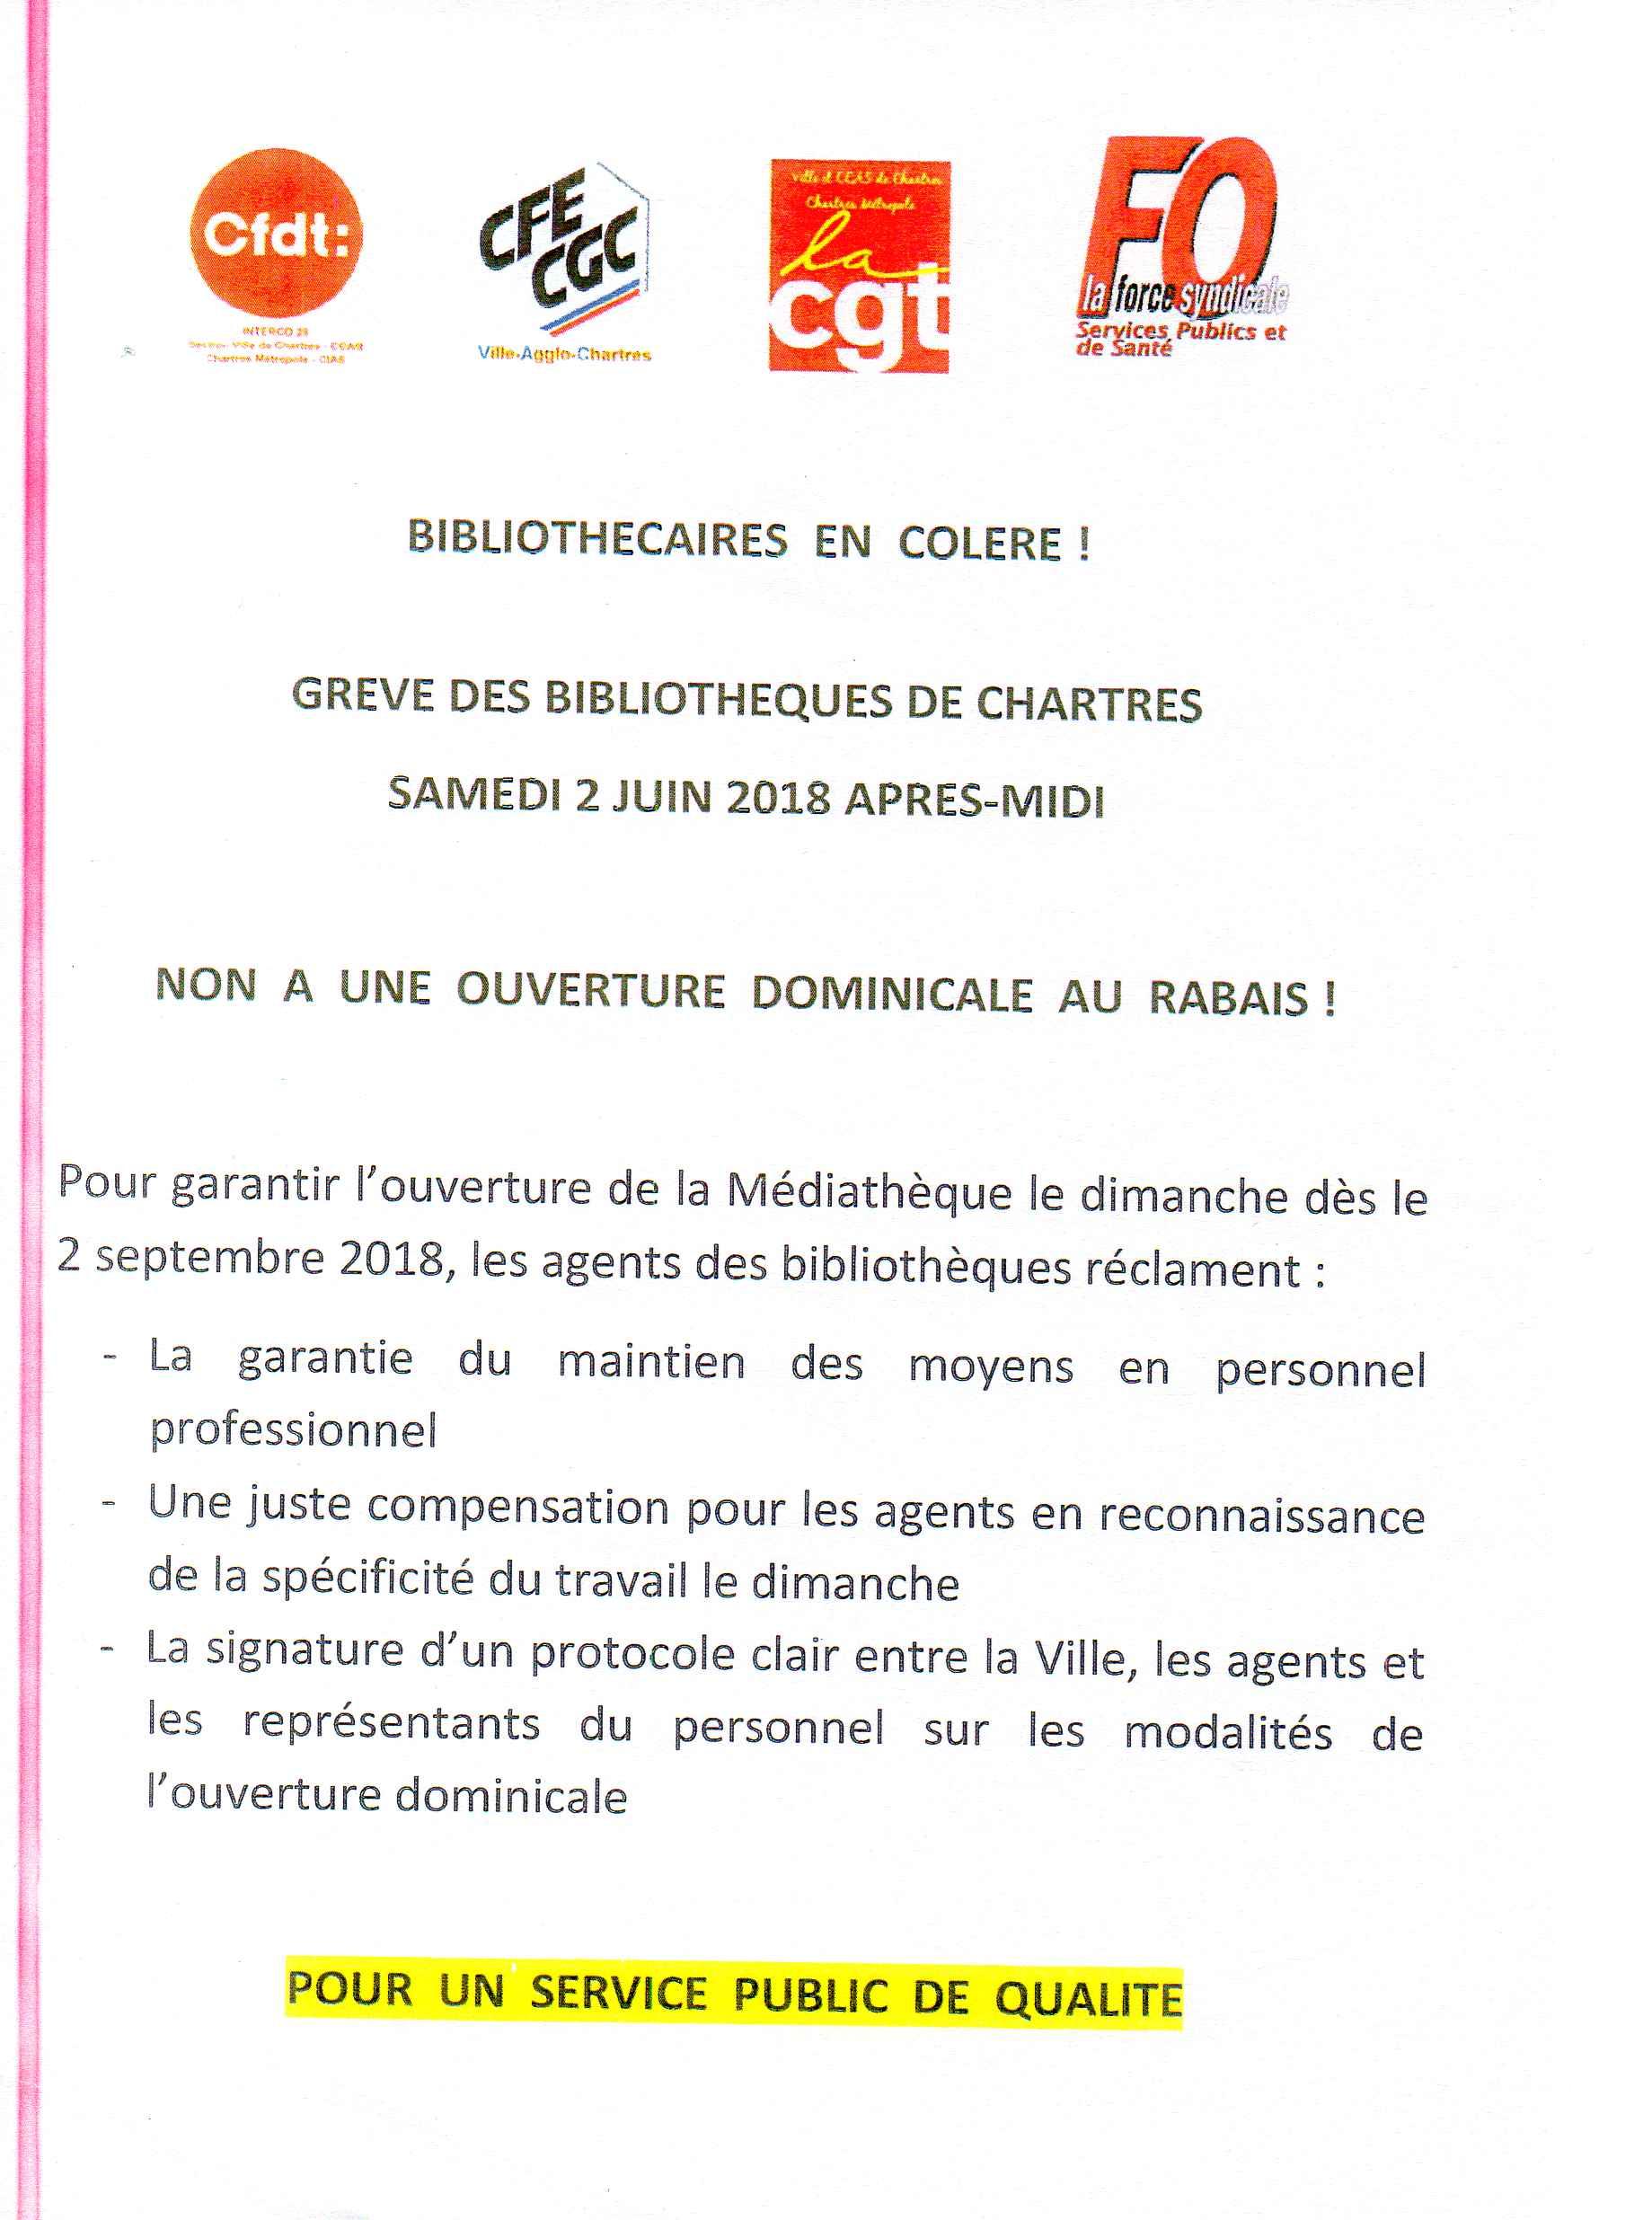 Tract Grève Médiathèque Chartres 02-06-2018234